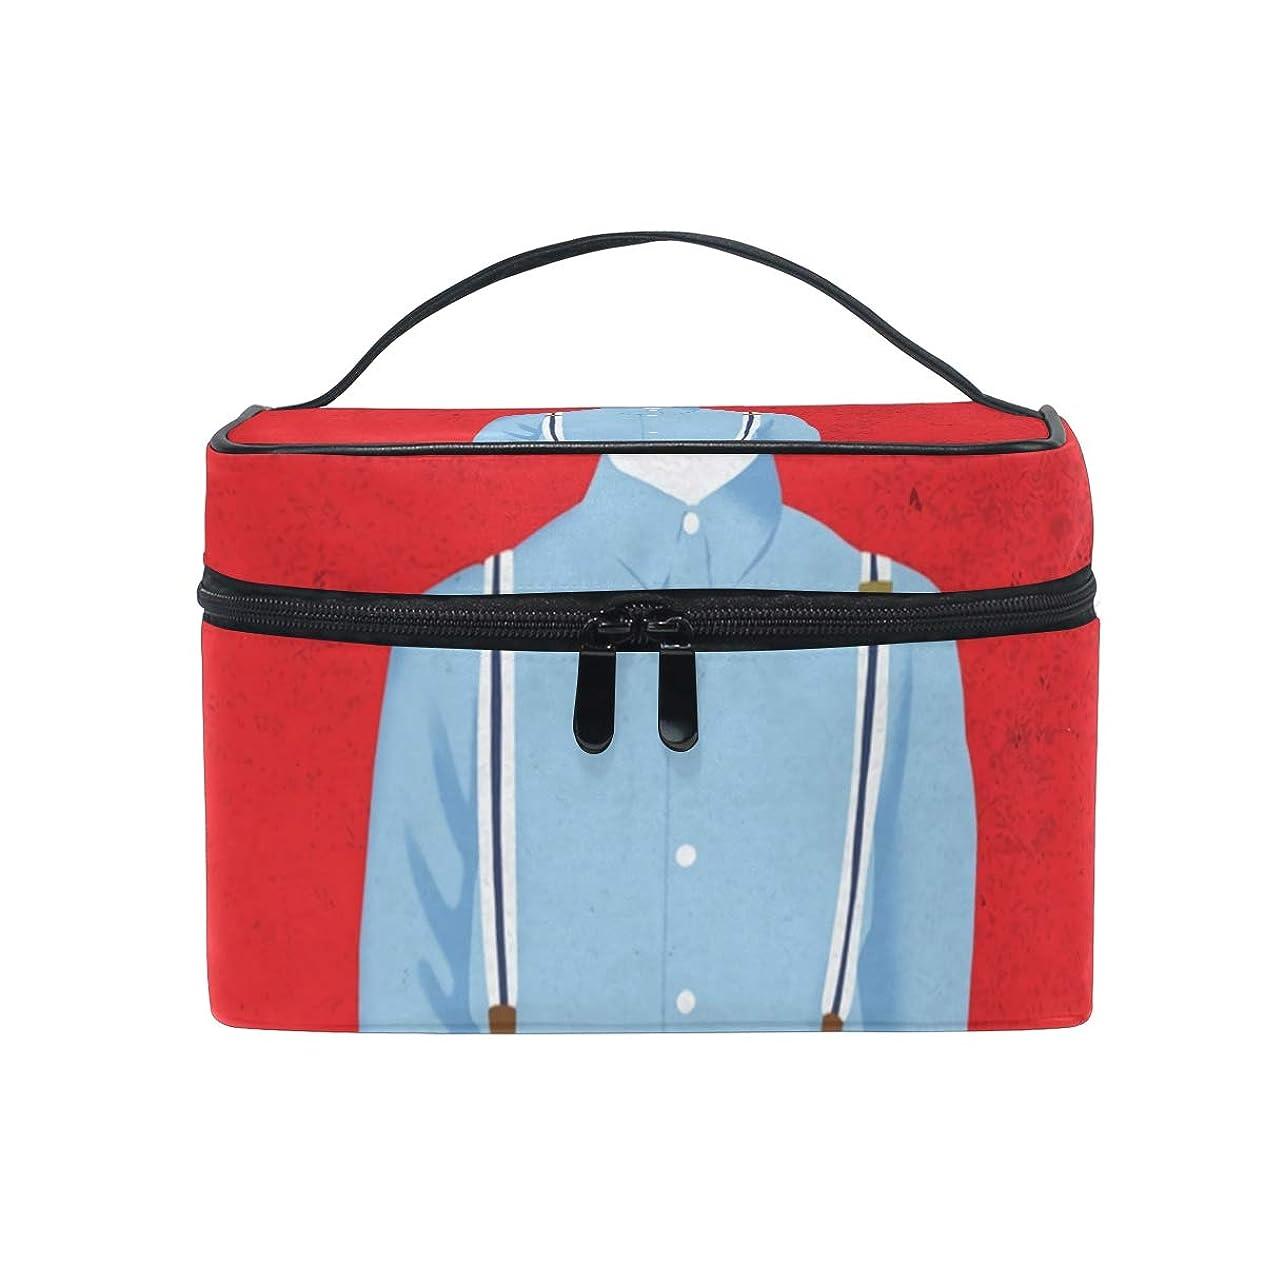 カテゴリー半導体酸メイクボックス テリアブルドッグ柄 化粧ポーチ 化粧品 化粧道具 小物入れ メイクブラシバッグ 大容量 旅行用 収納ケース